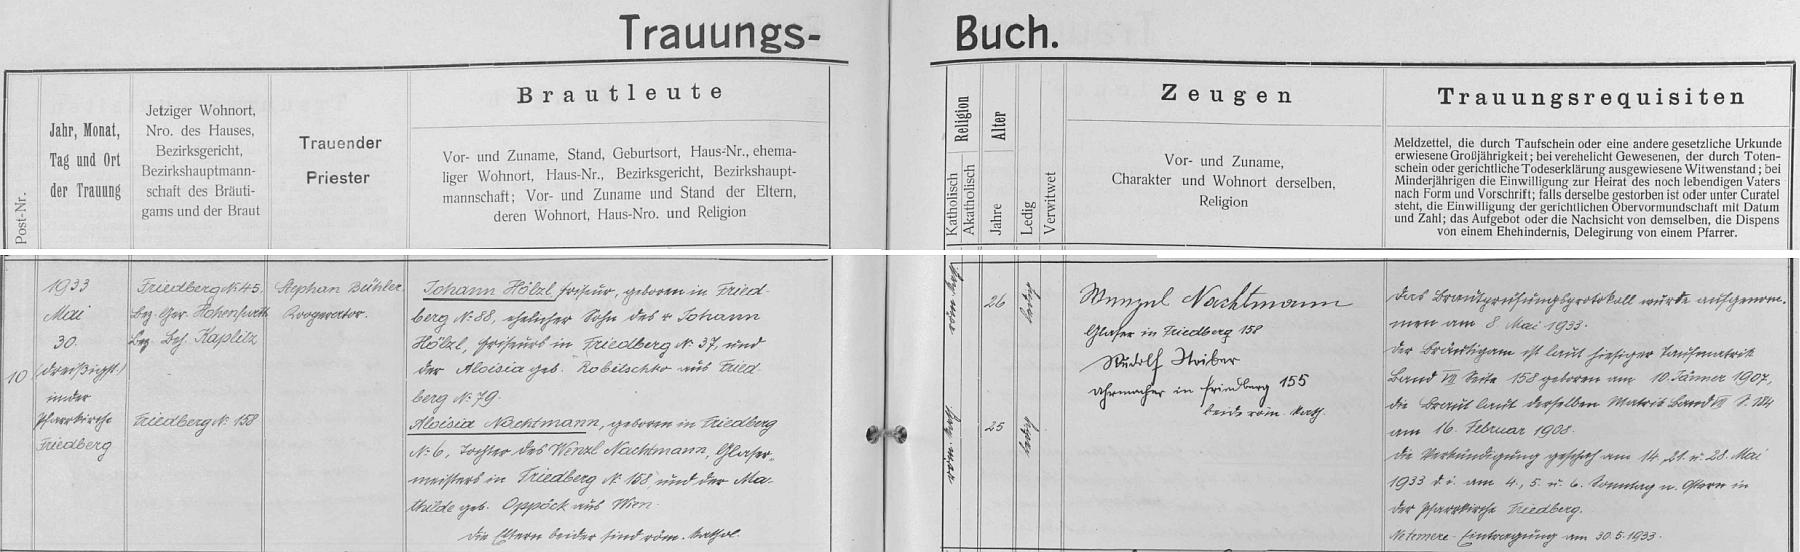 Záznam o svatbě ve frymburské knize oddaných